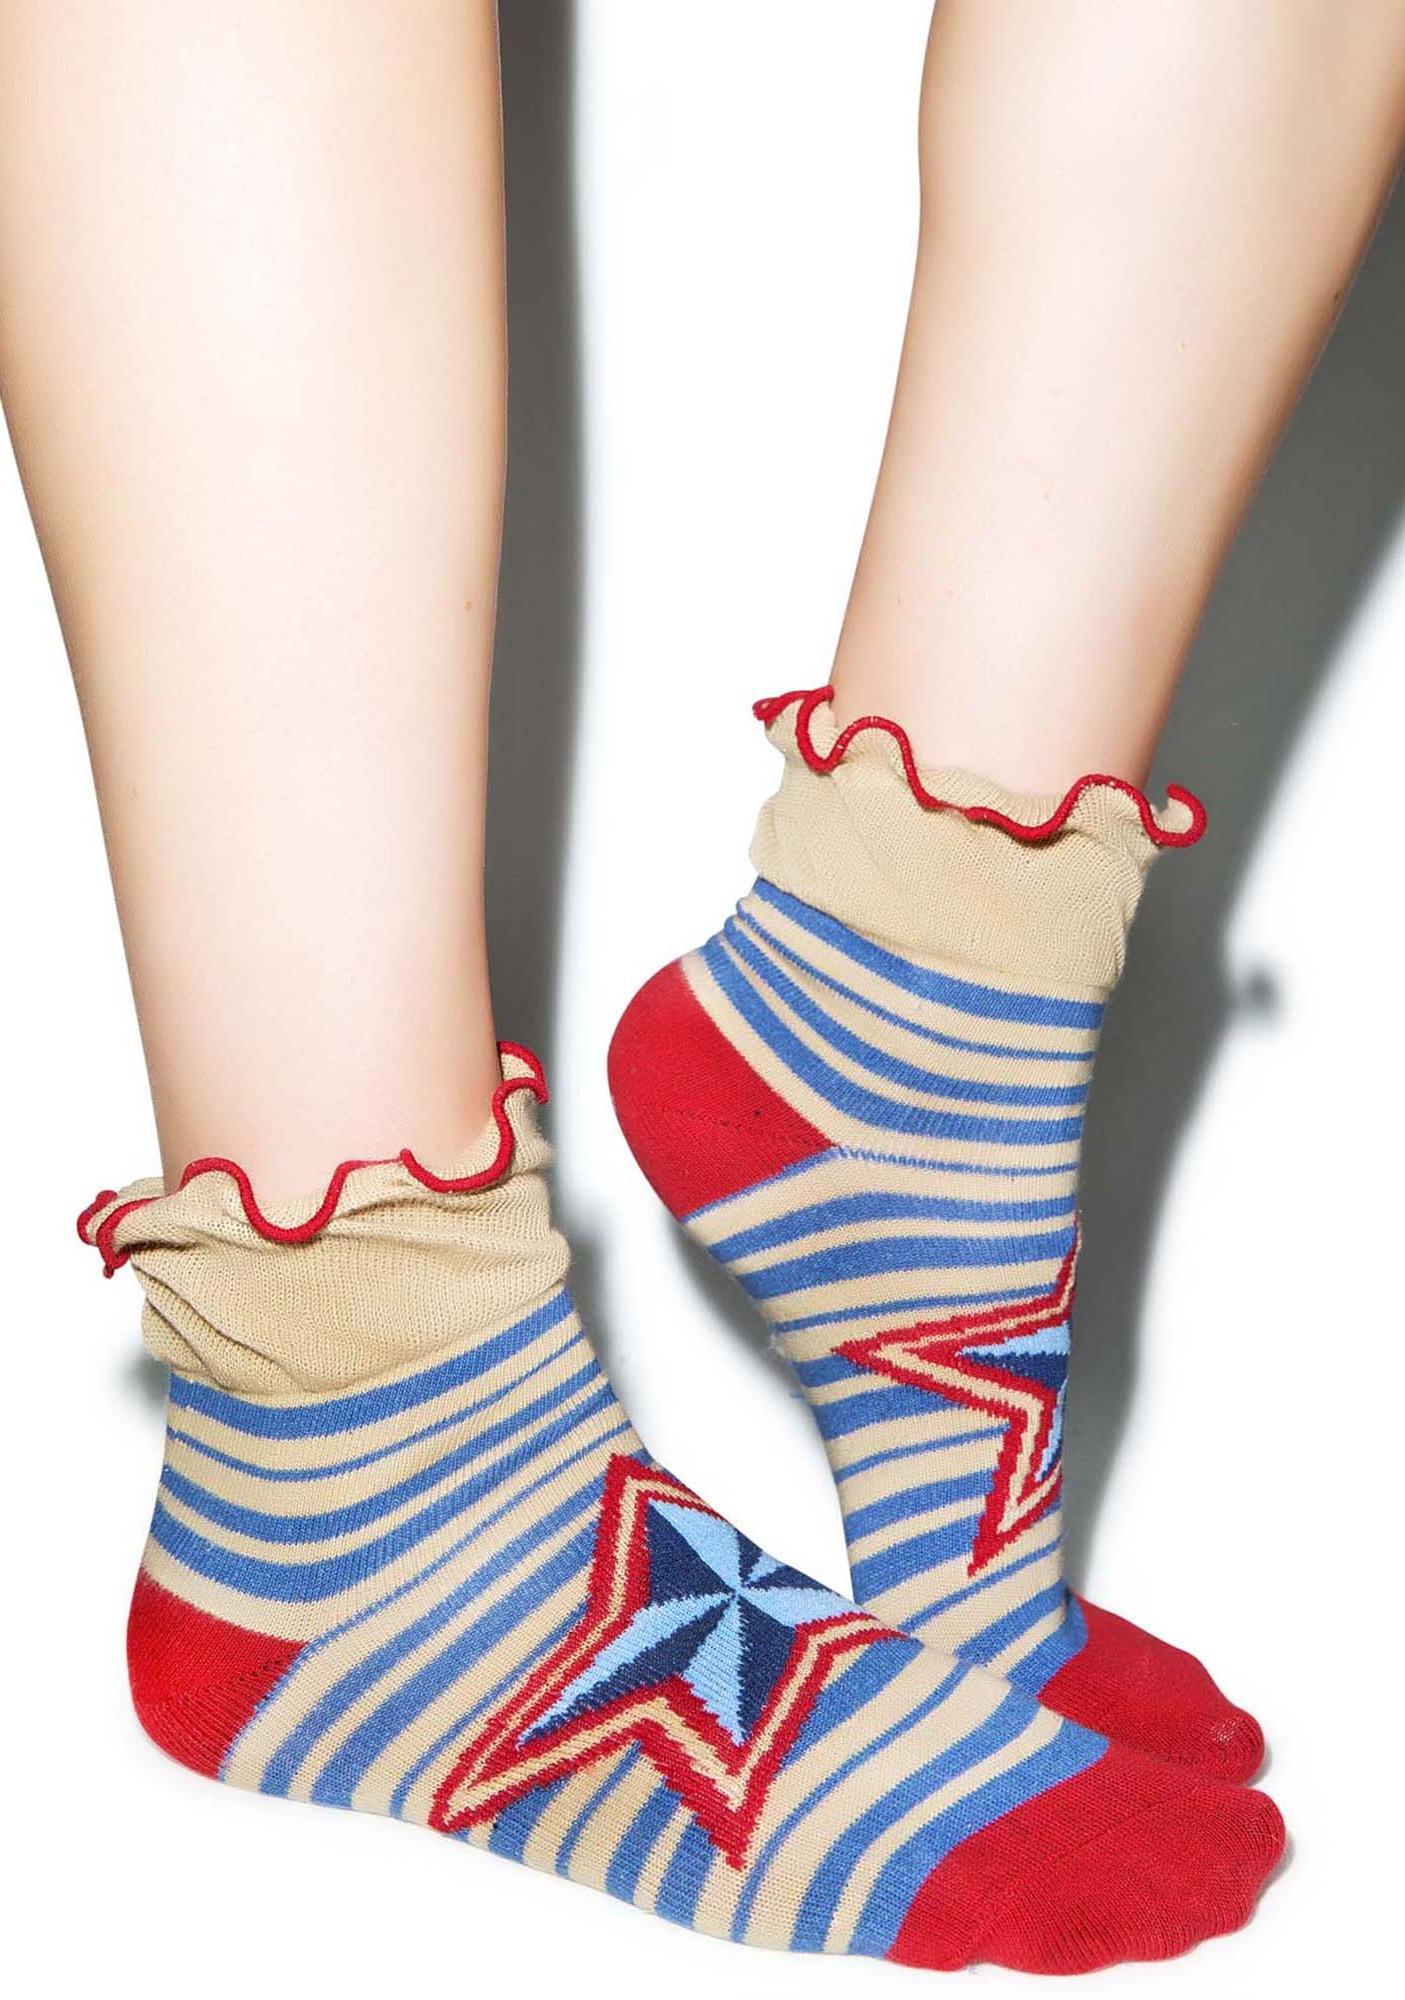 Starz N' Stripez Ankle Socks